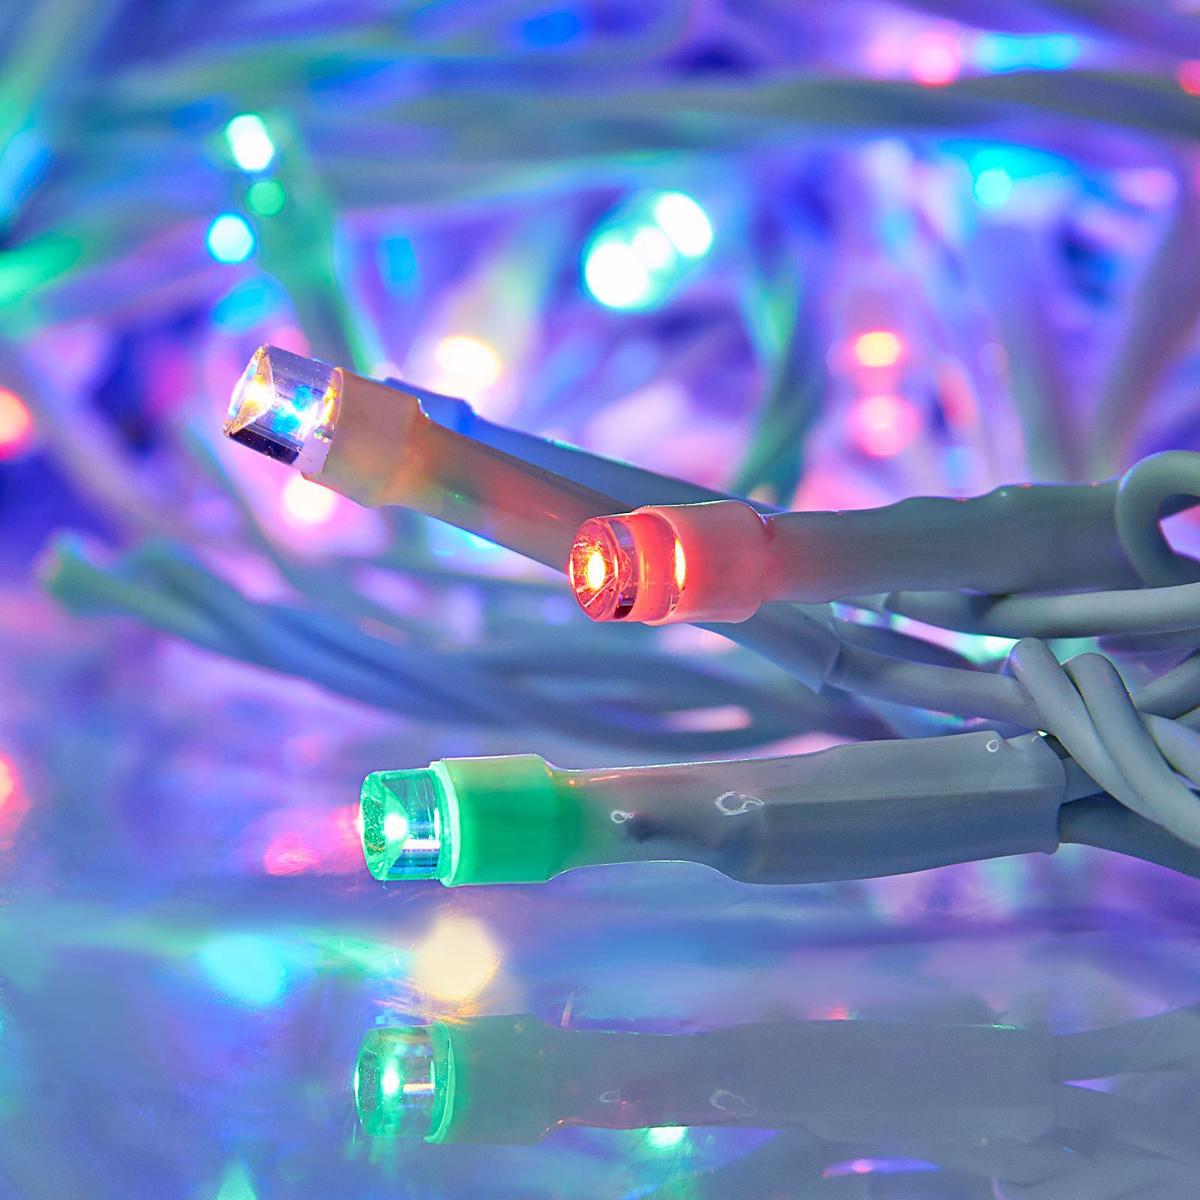 Гирлянда светодиодная Luazon Метраж, уличная, 100 ламп, 24 V, 10 м, цвет: мультиколор. 15860101586010Светодиодные гирлянды, ленты и т.д. — это отличный вариант для новогоднего оформления интерьера или фасада. С их помощью помещение любого размера можно превратить в праздничный зал, а внешние элементы зданий, украшенные ими, мгновенно станут напоминать очертания сказочного дворца. Такие украшения создают ауру предвкушения чуда. Деревья, фасады, витрины, окна и арки будто специально созданы, чтобы вы украсили их светящимися нитями.